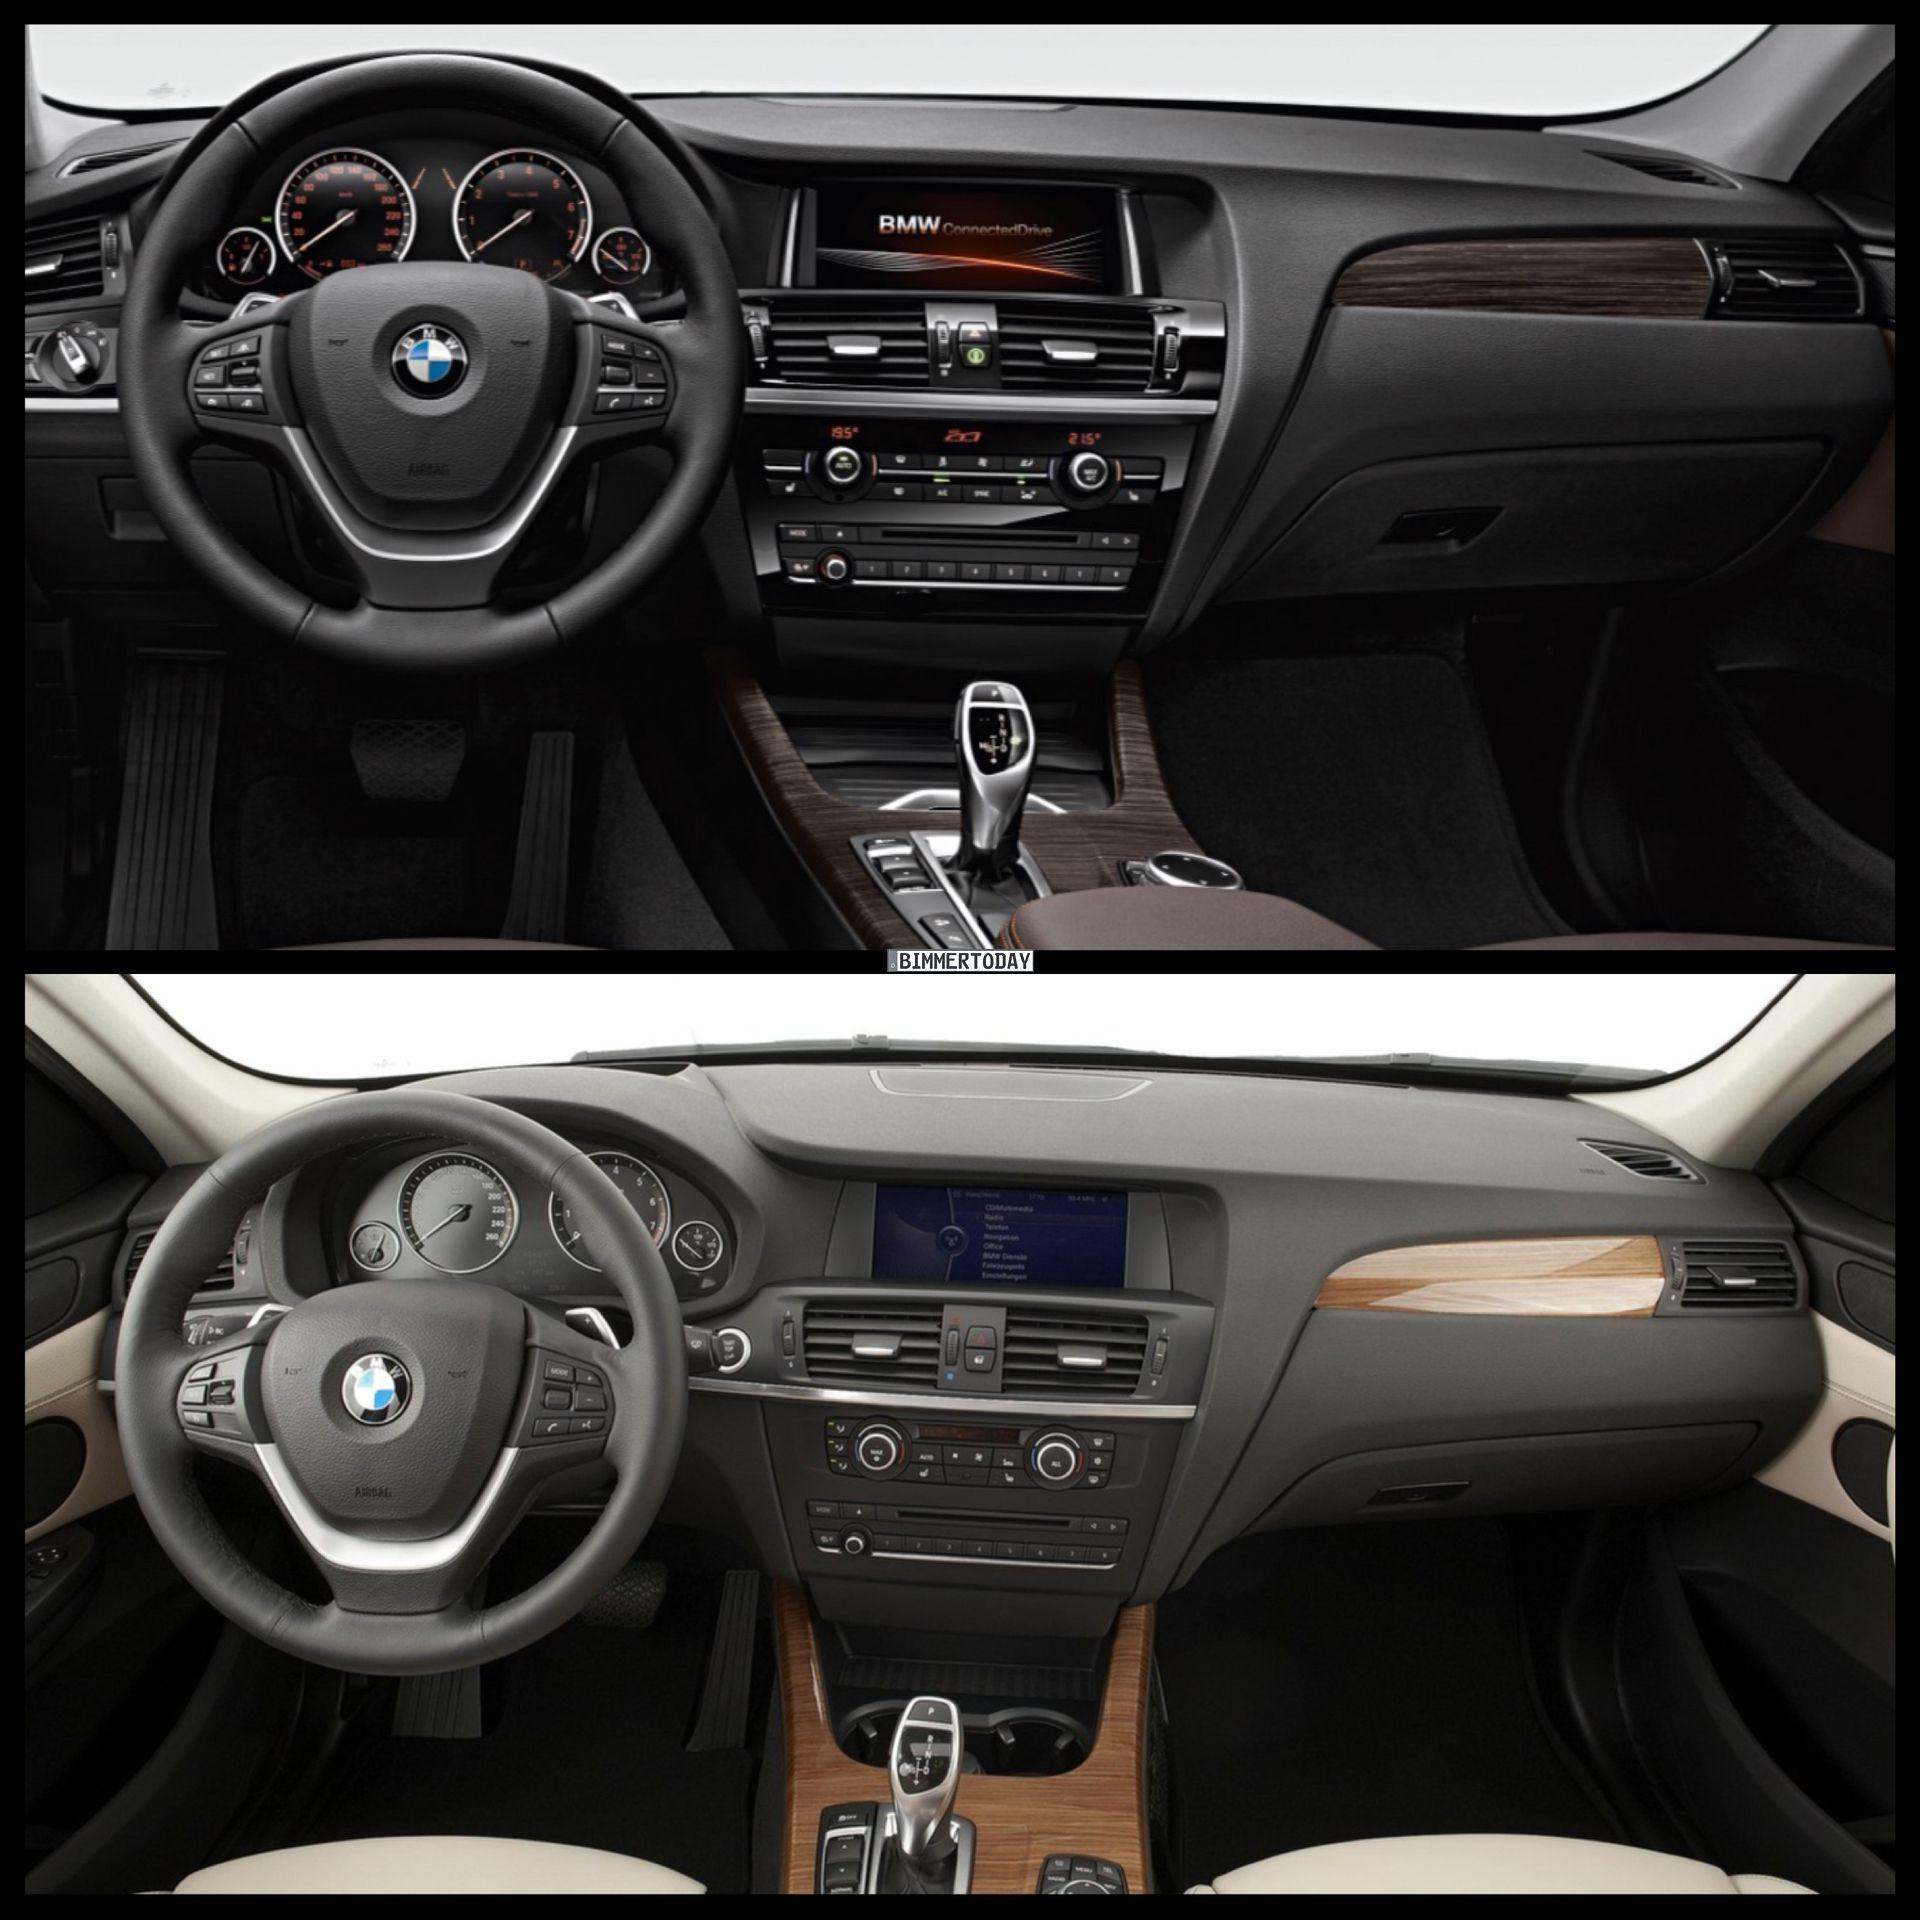 2015 Bmw X3 Facelift Vs Bmw X3 Pre Facelift Photo Comparison